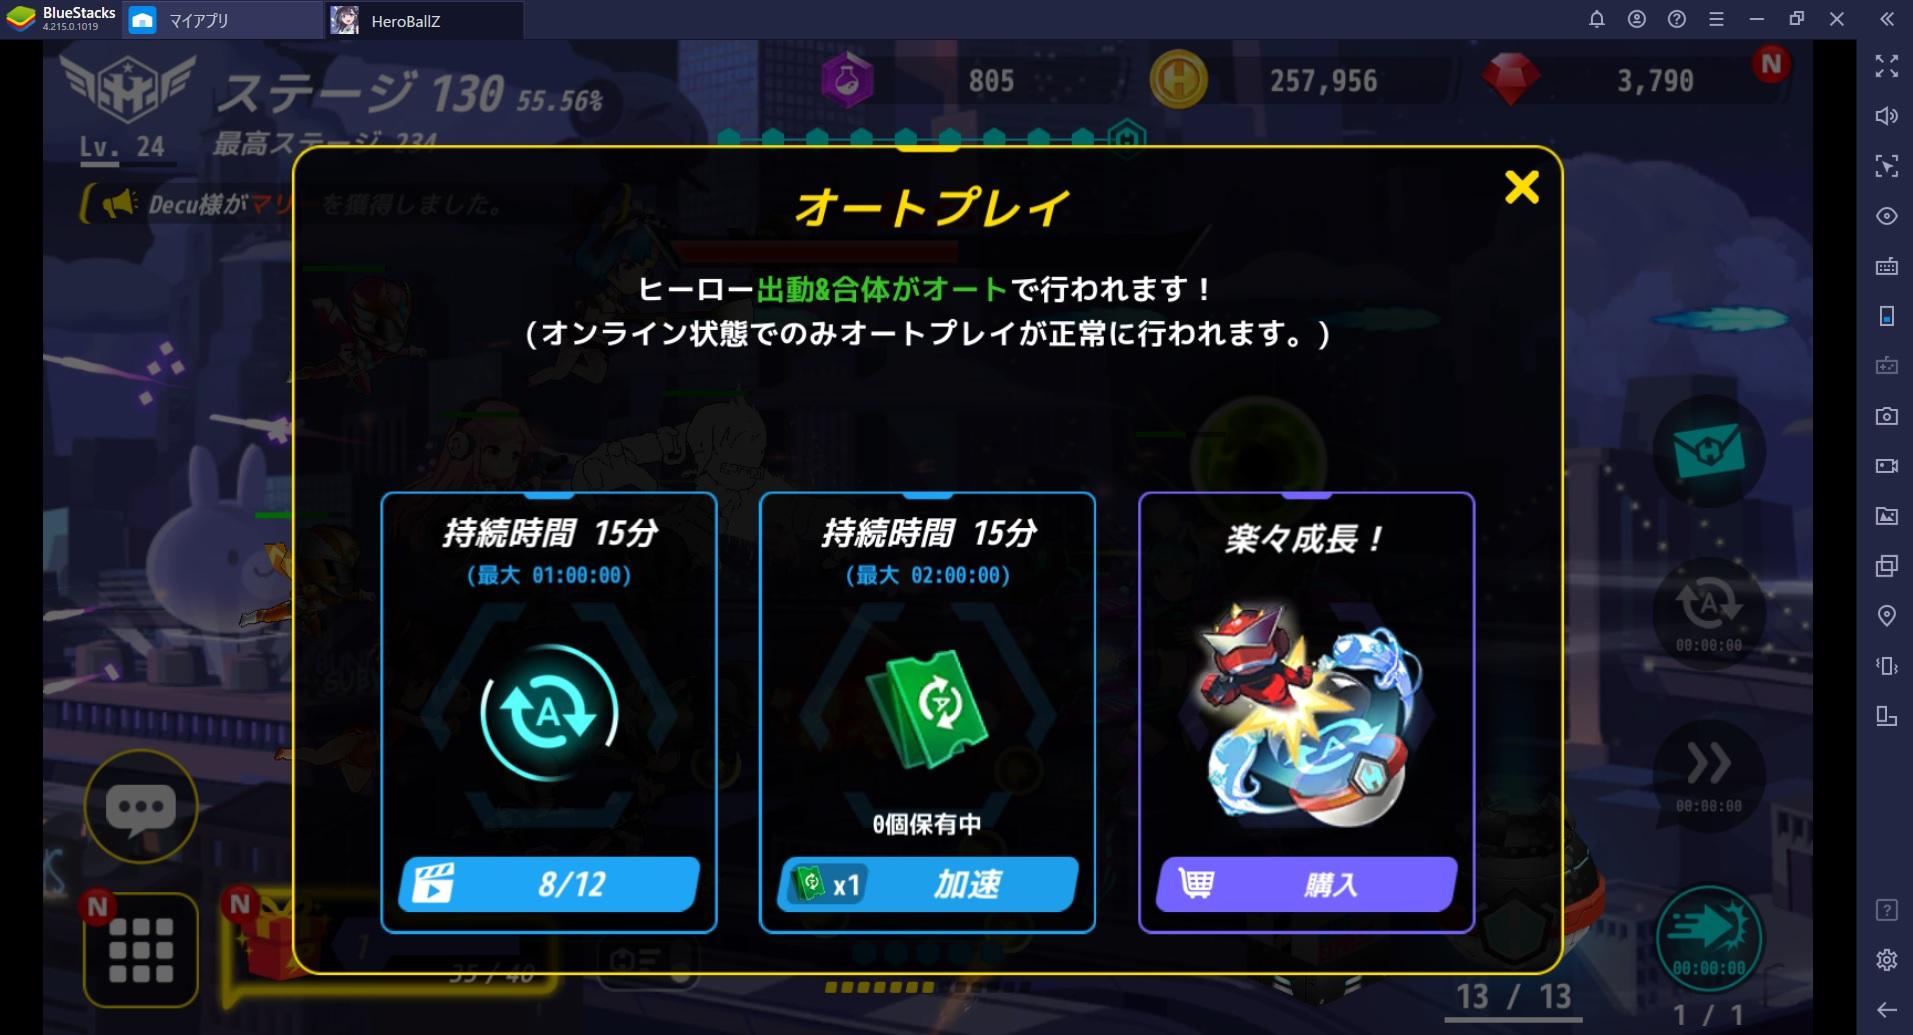 BlueStacksを使ってPCで『ヒーローボールZ』を遊ぼう